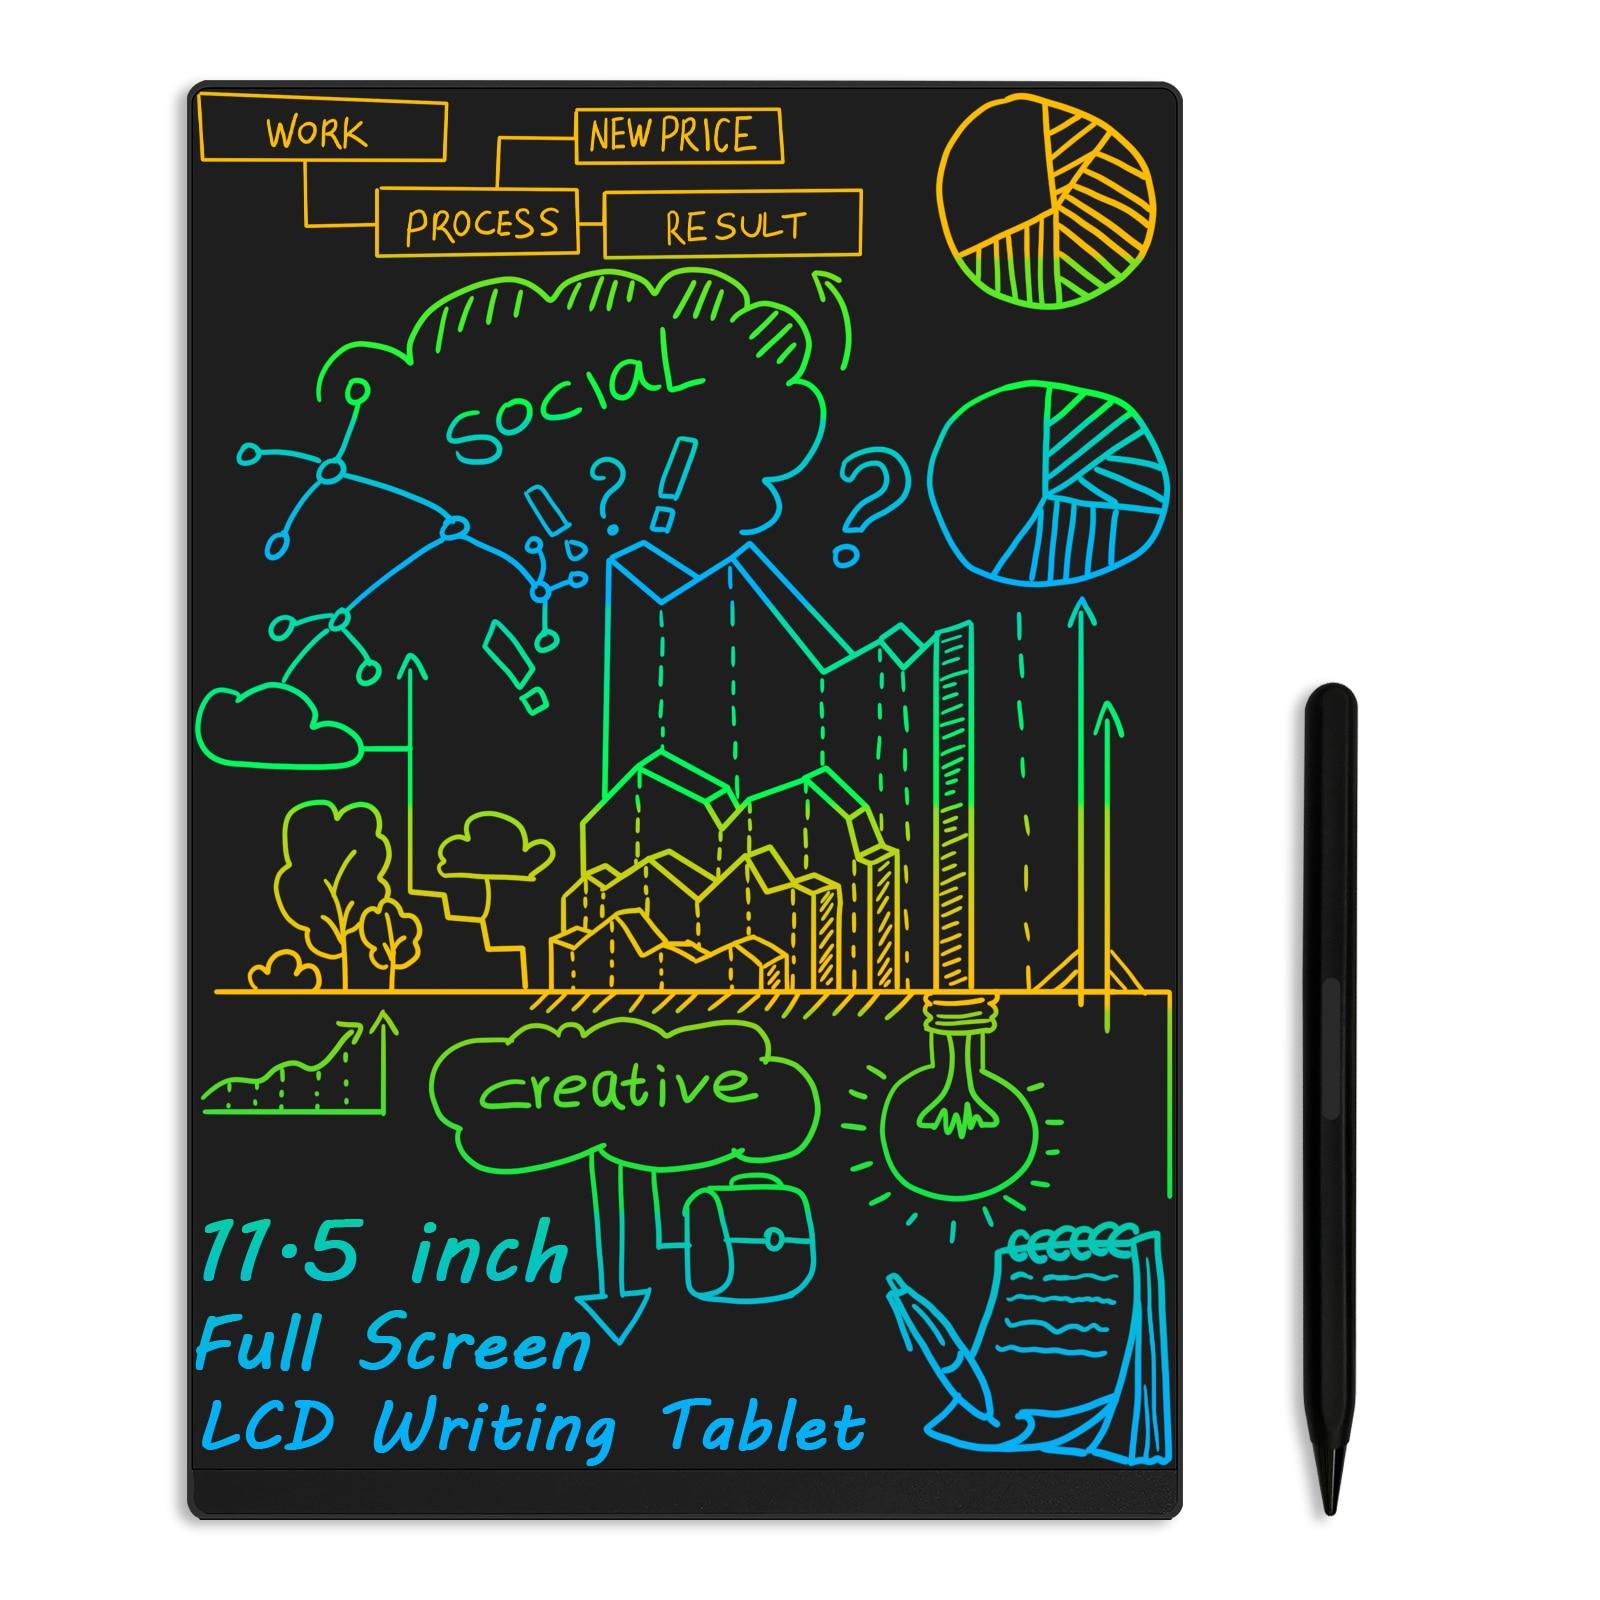 11.5 بوصة سامسونج كامل الشاشة كمبيوتر لوحي LCD بشاشة للكتابة المدمج في مغناطيس مبتكرة لوح للرسم لوحات مذكرة للعمل والمنزل